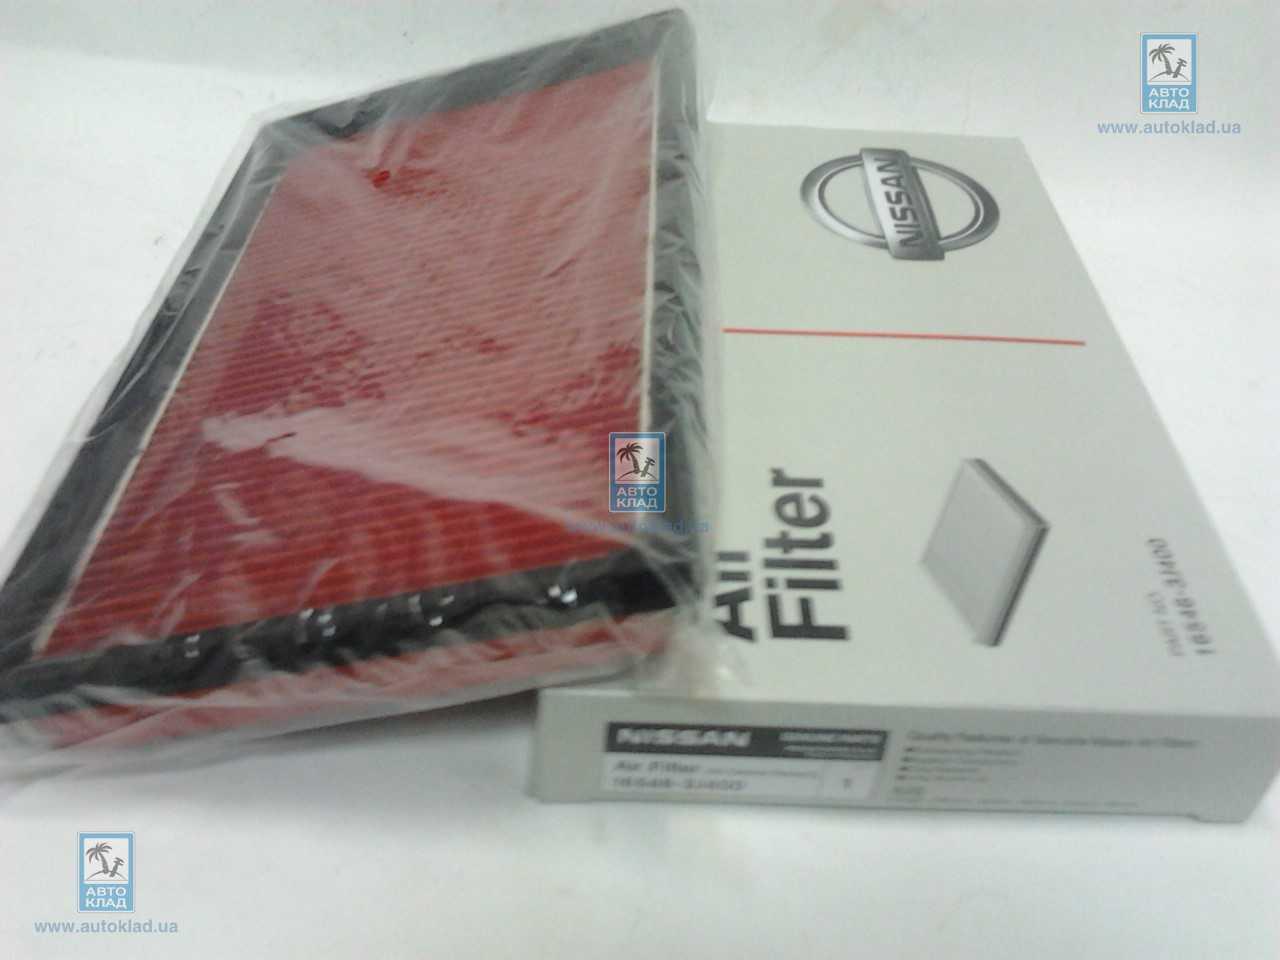 Фильтр воздушный NISSAN -16546-3J400: цена